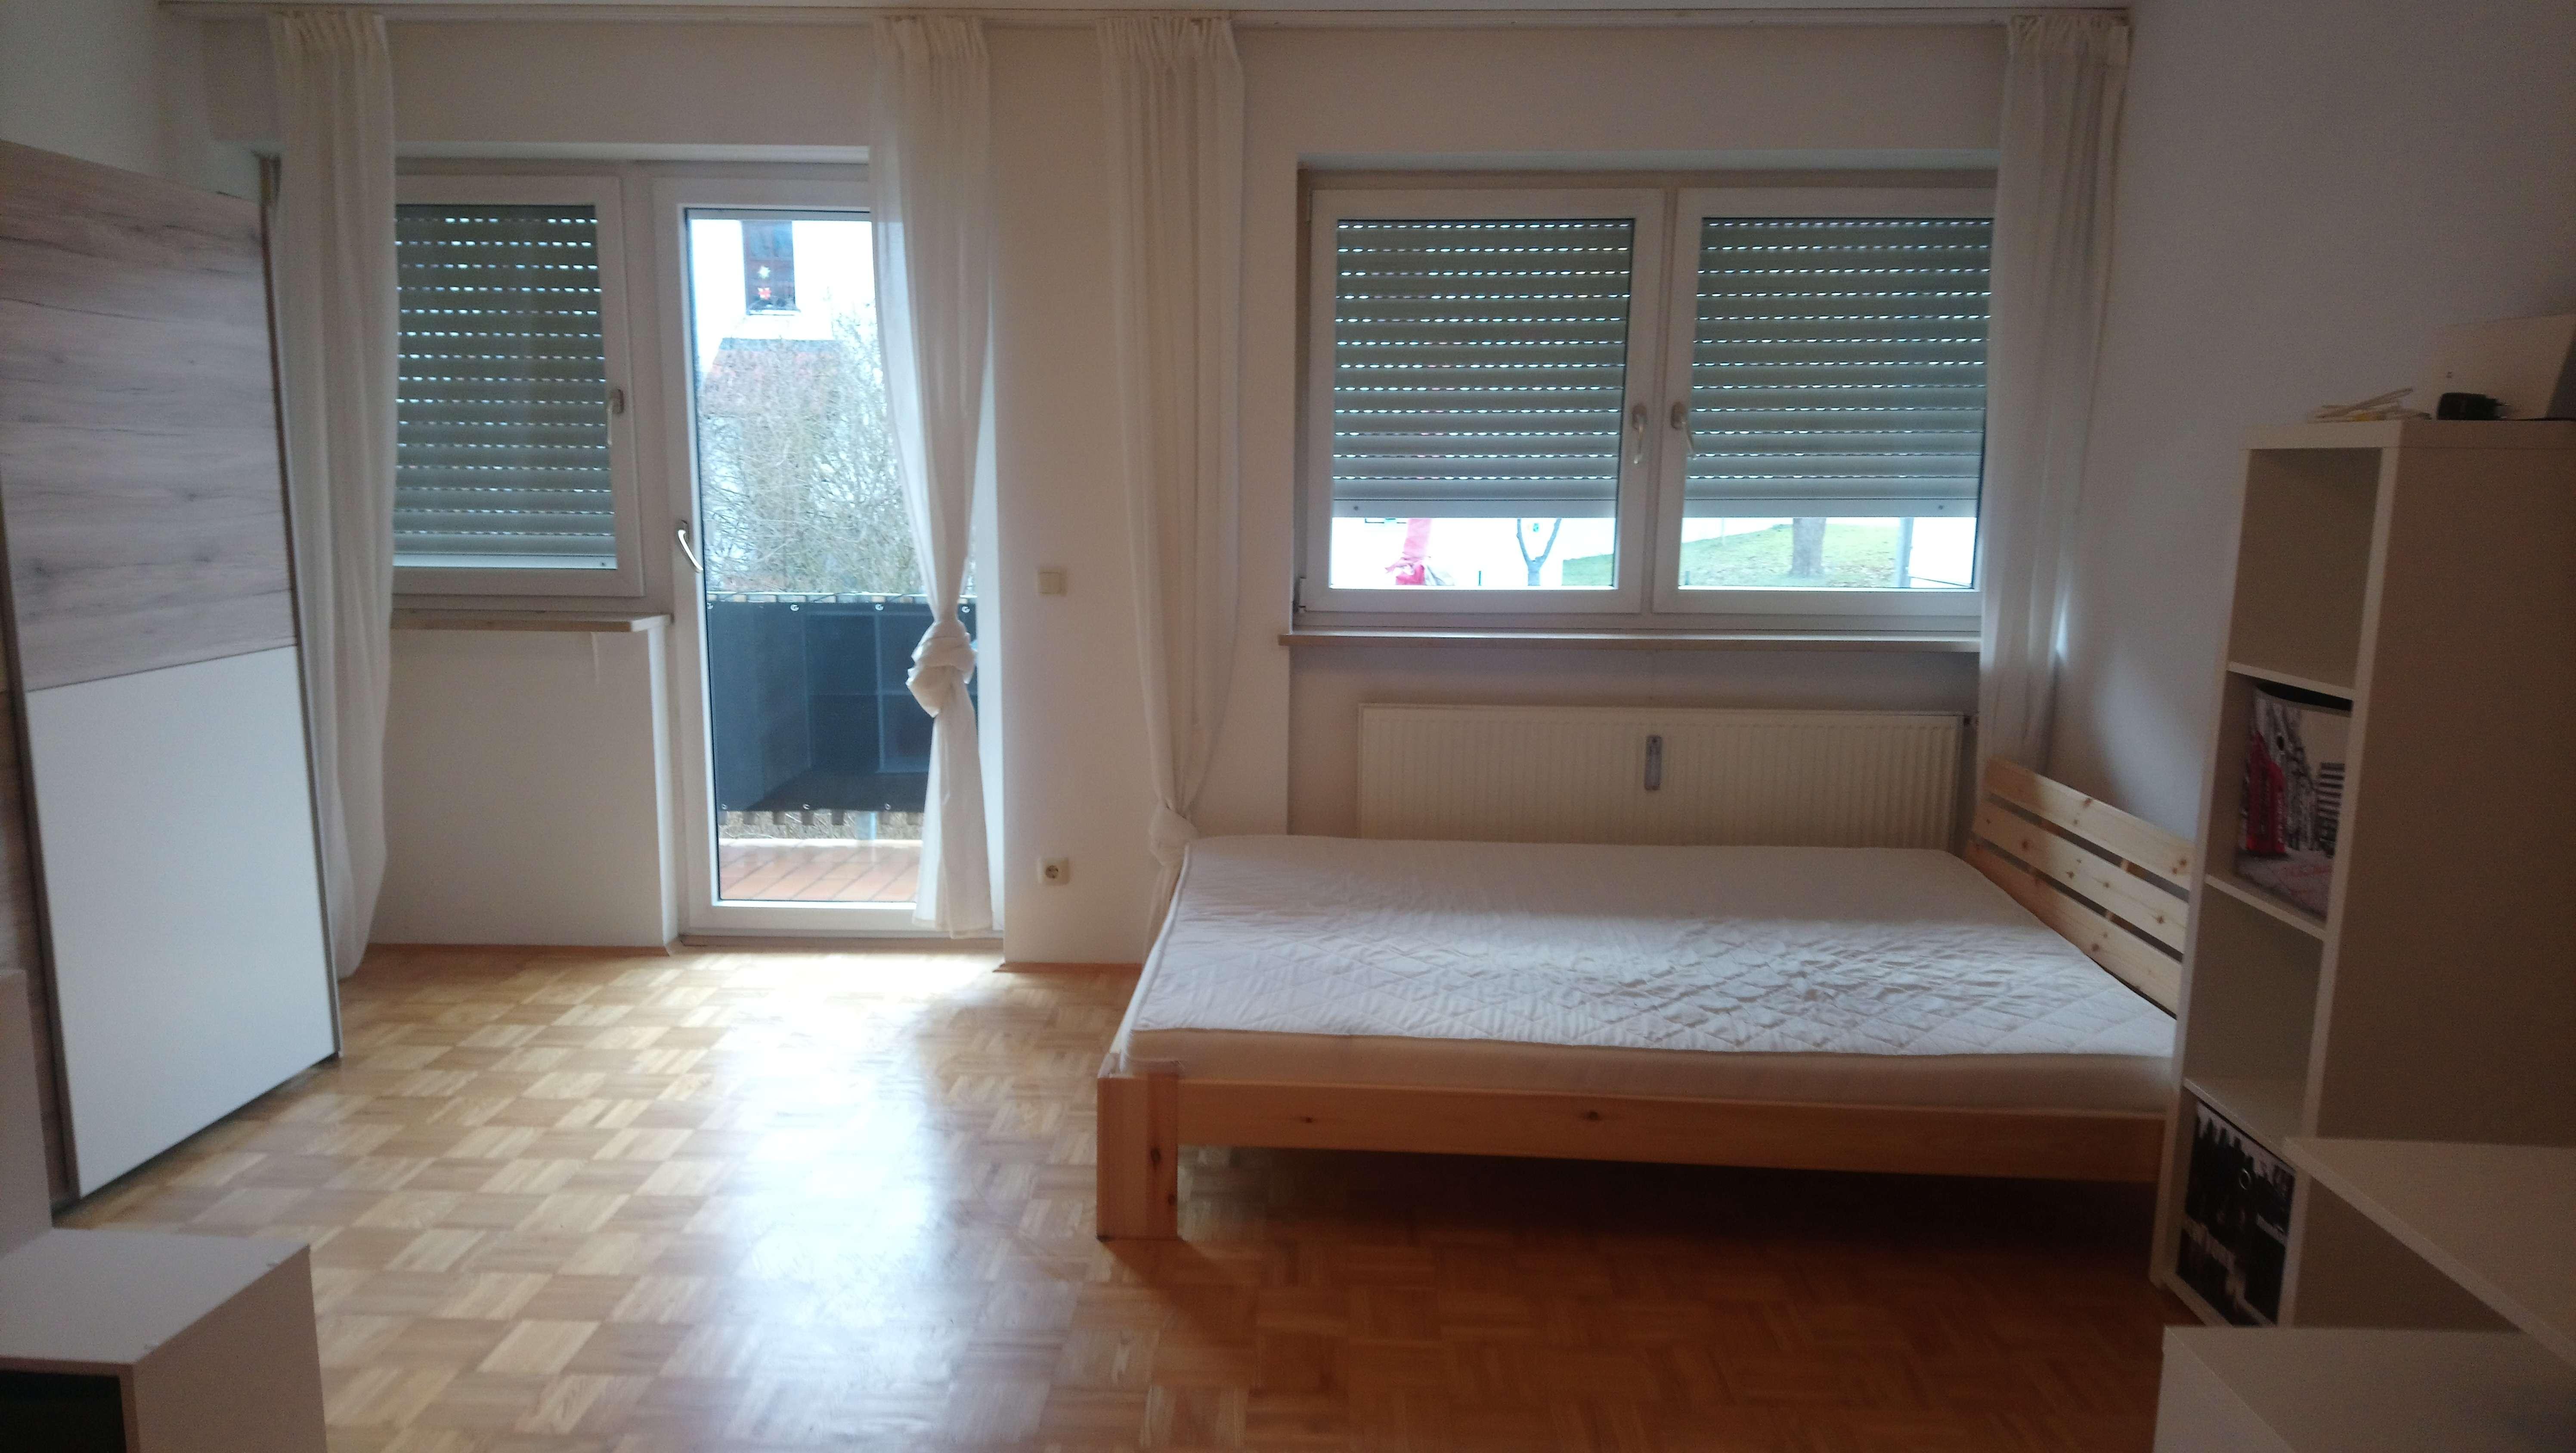 Exklusive 1-Zimmer-Wohnung mit Balkon und EBK in Regensburg in Kumpfmühl-Ziegetsdorf-Neuprüll (Regensburg)